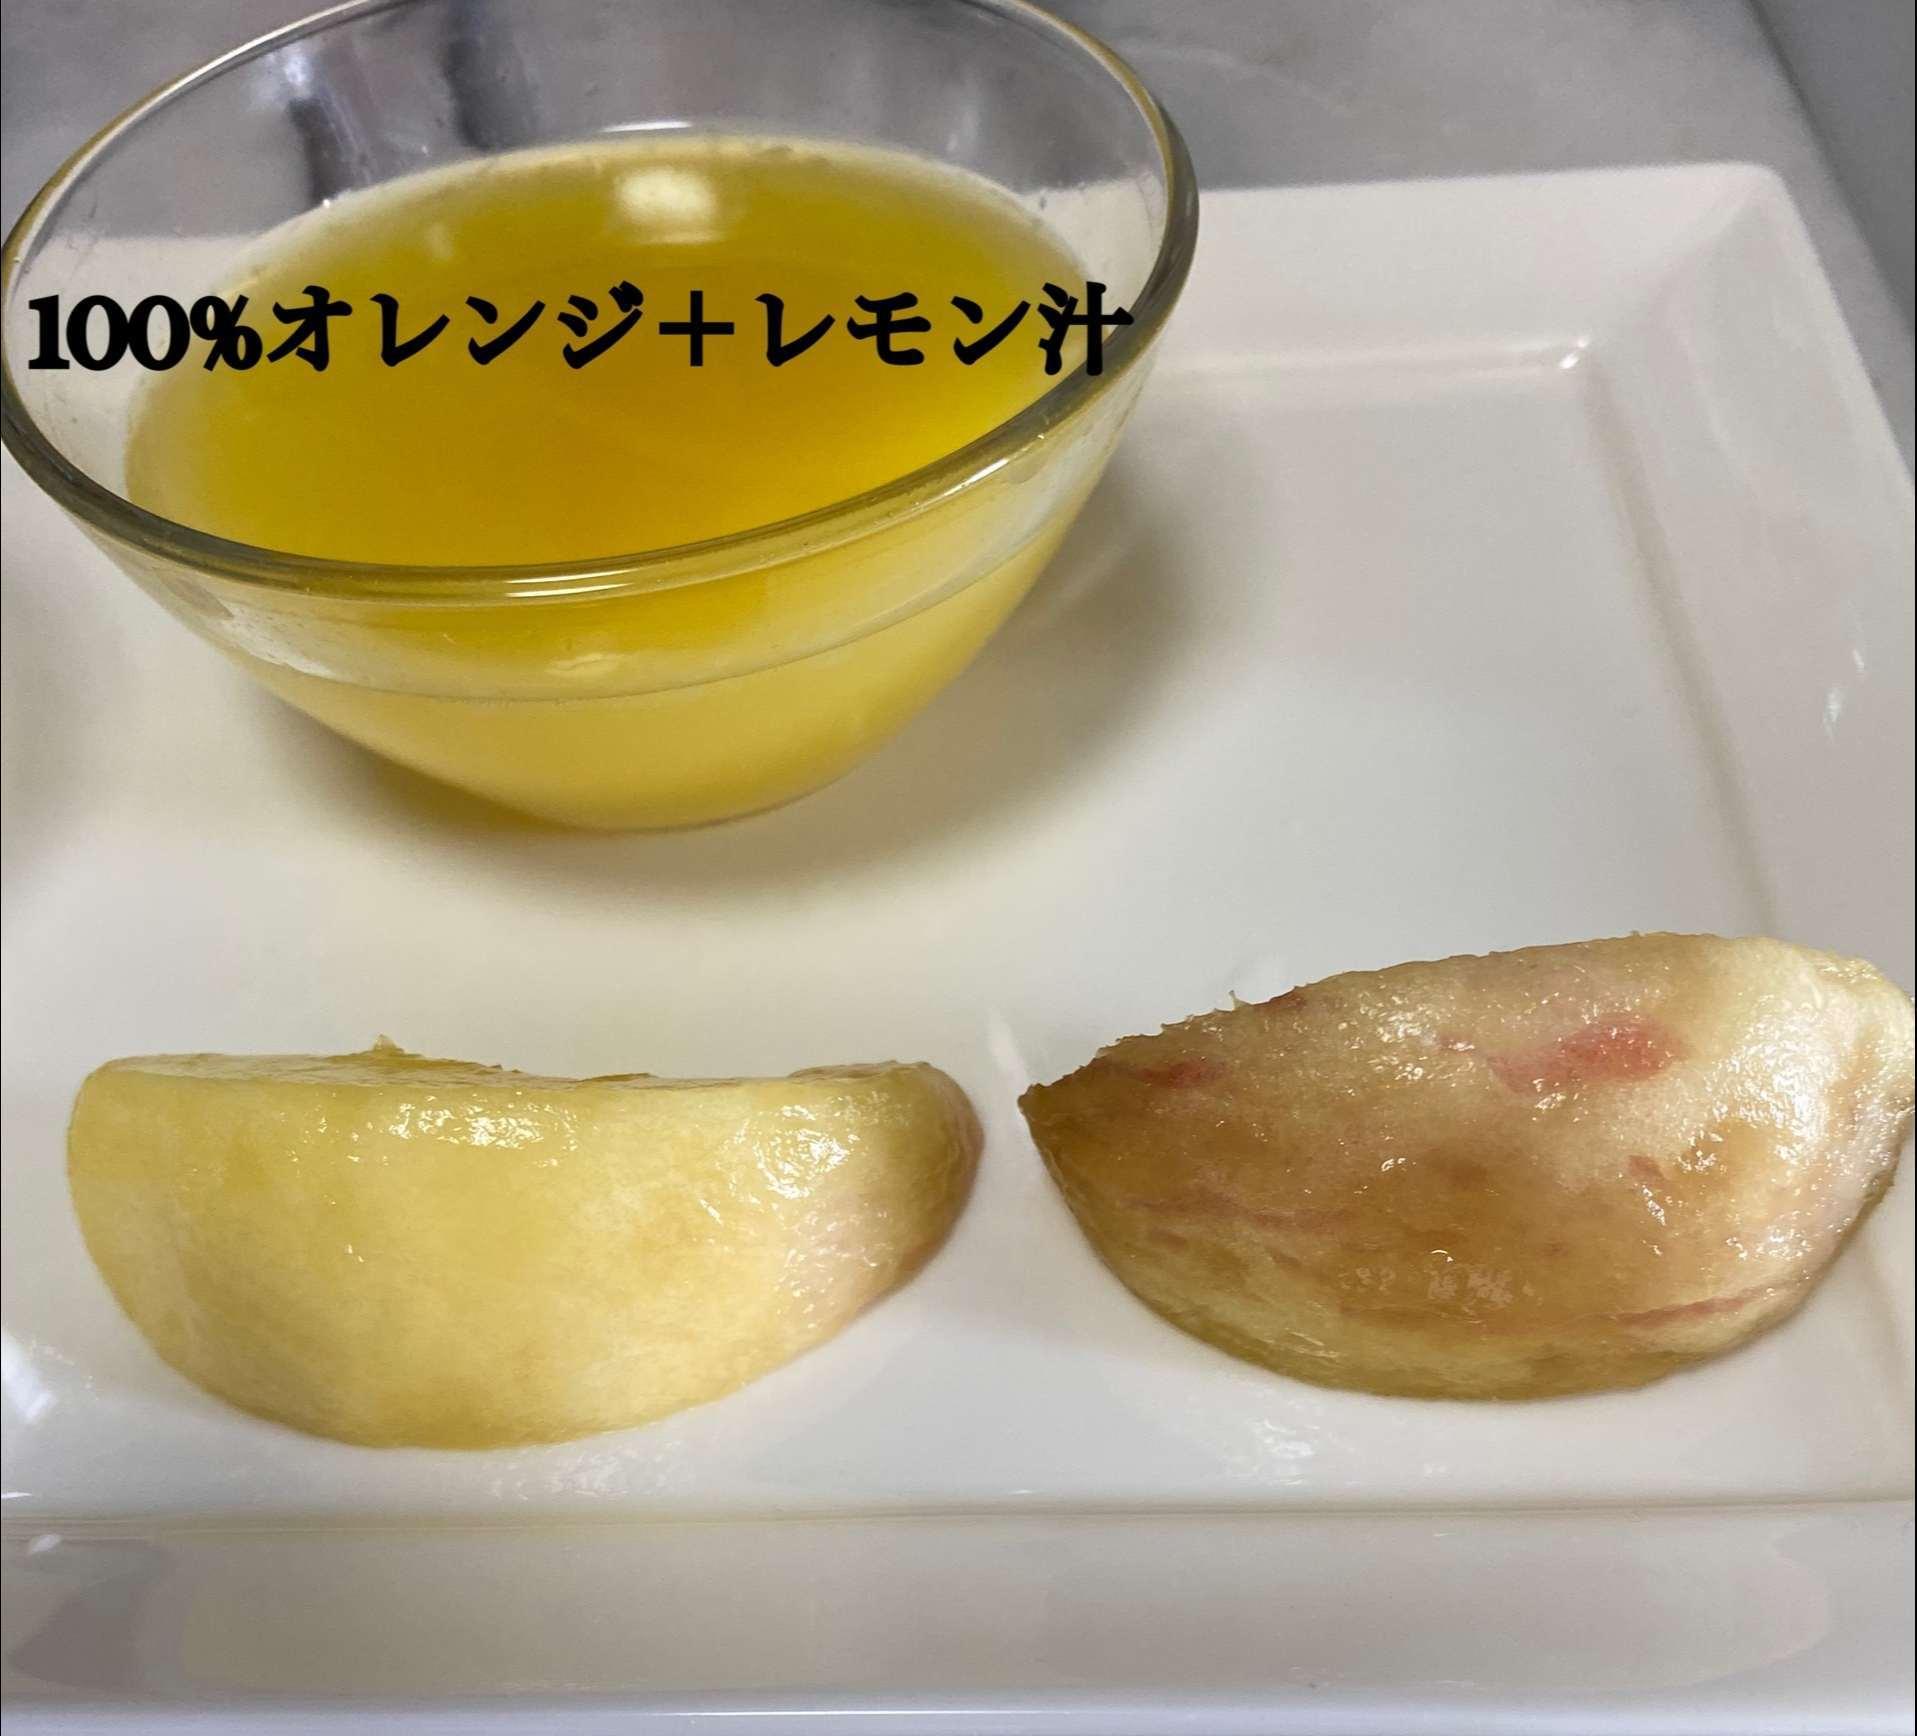 100%オレンジジュースにレモン汁を加えたものは桃の色がかわりません。